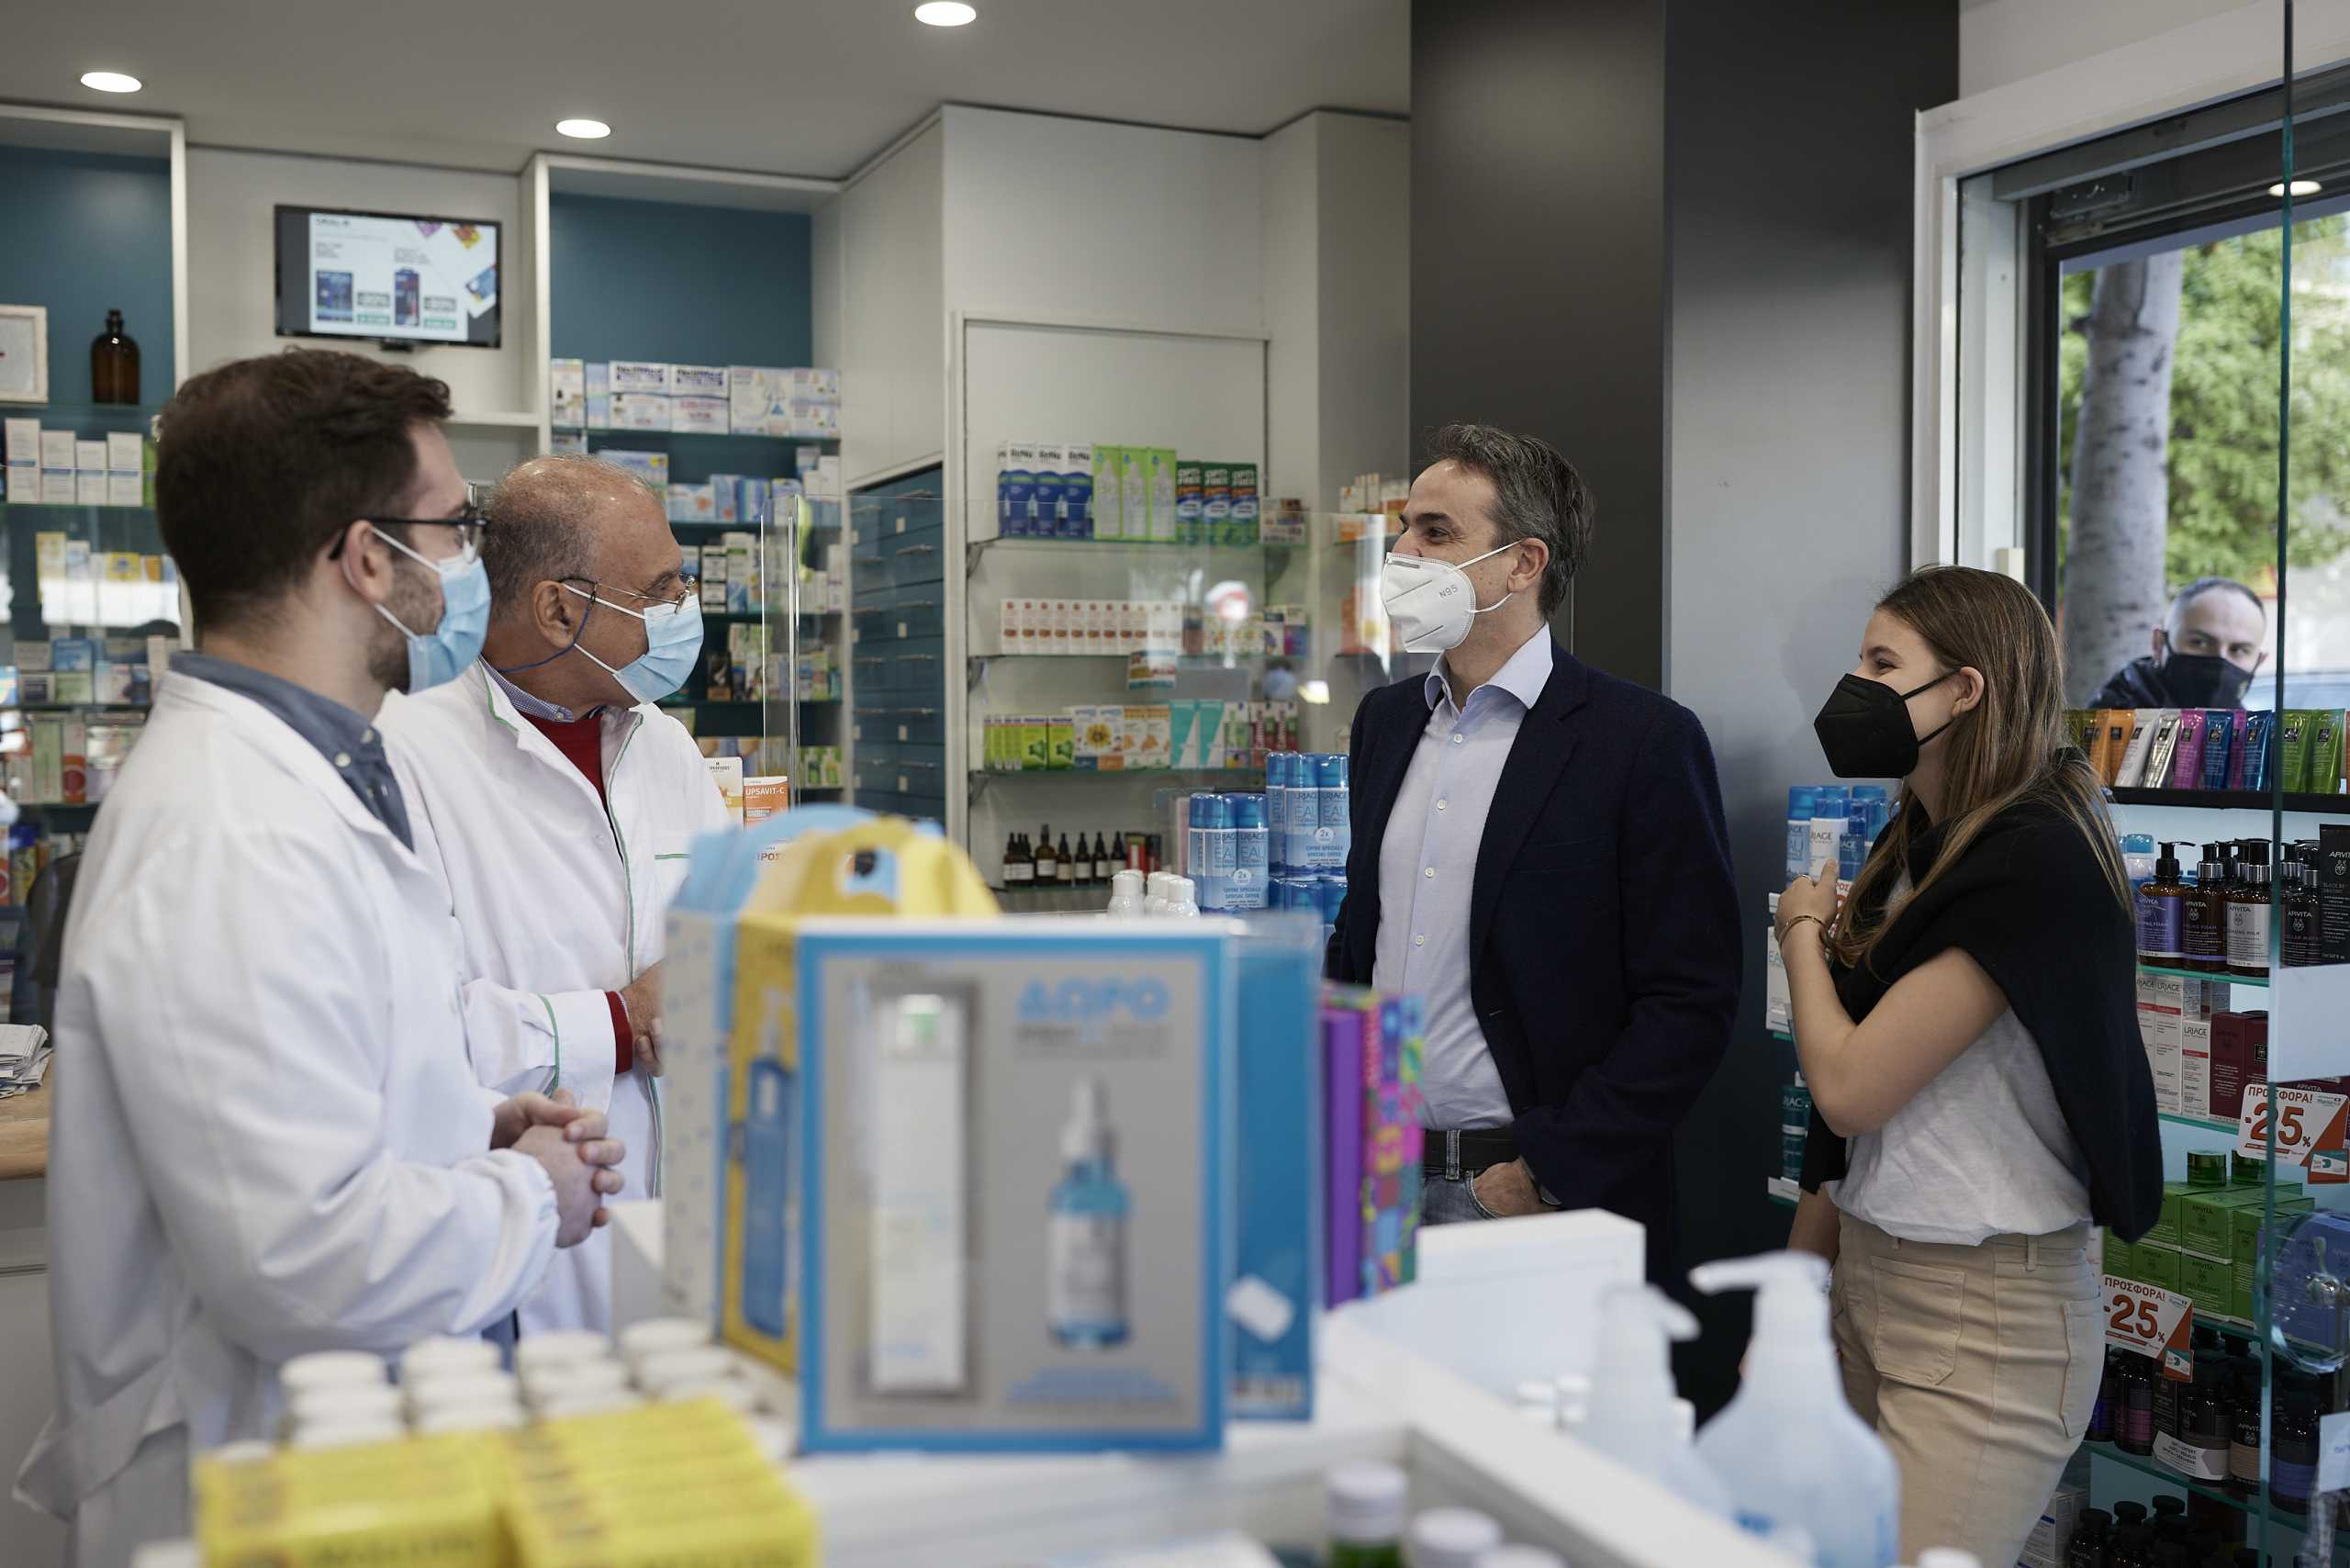 Μητσοτάκης: Σε φαρμακείο στην Καλλιθέα με την κόρη του για να προμηθευτεί self test